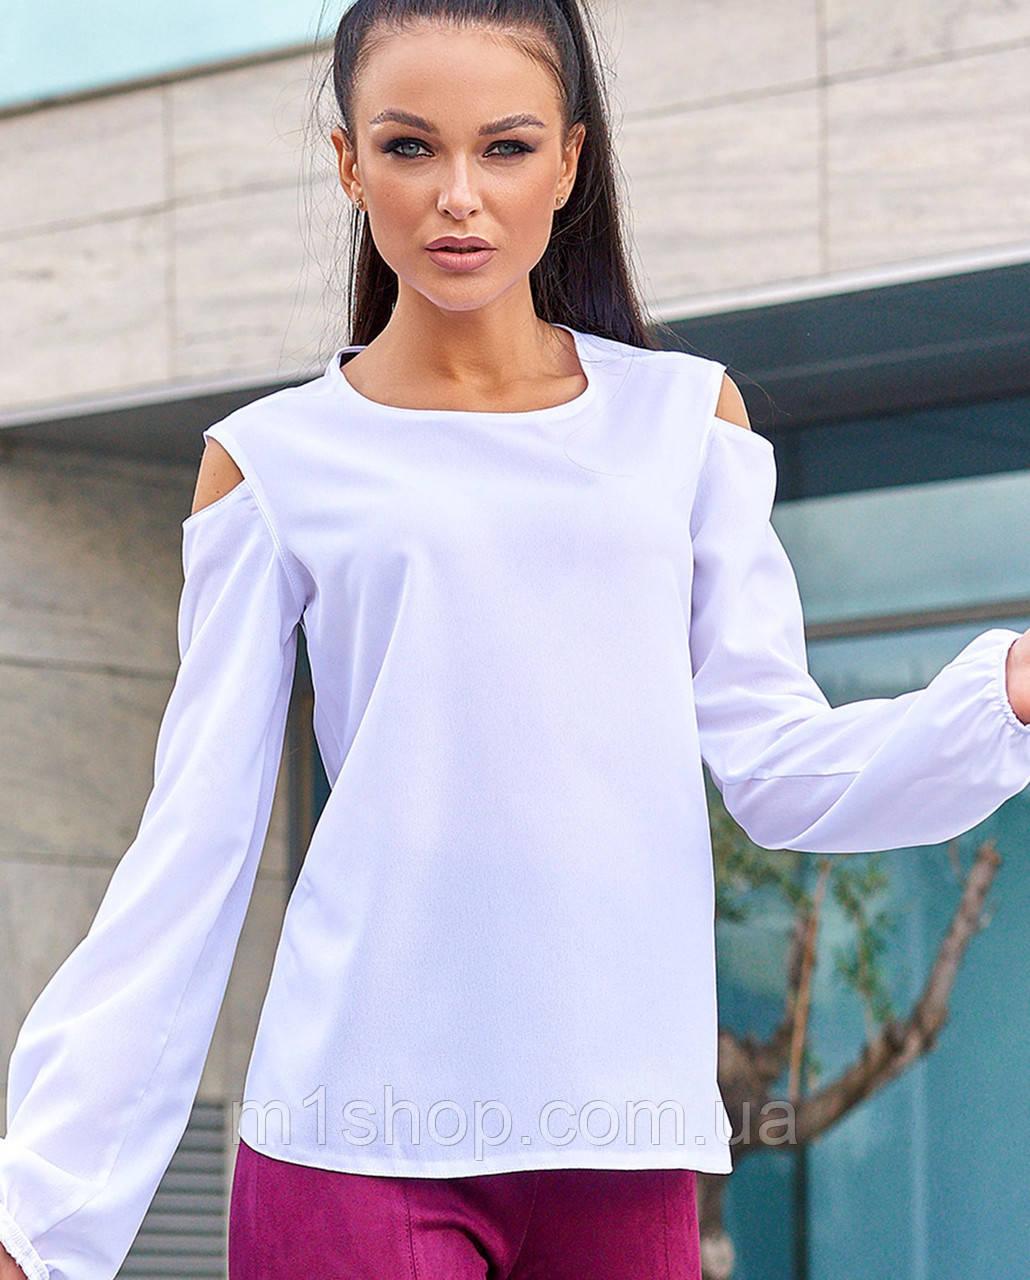 Женская шифоновая блузка с вырезами на плечах (Сара jd)